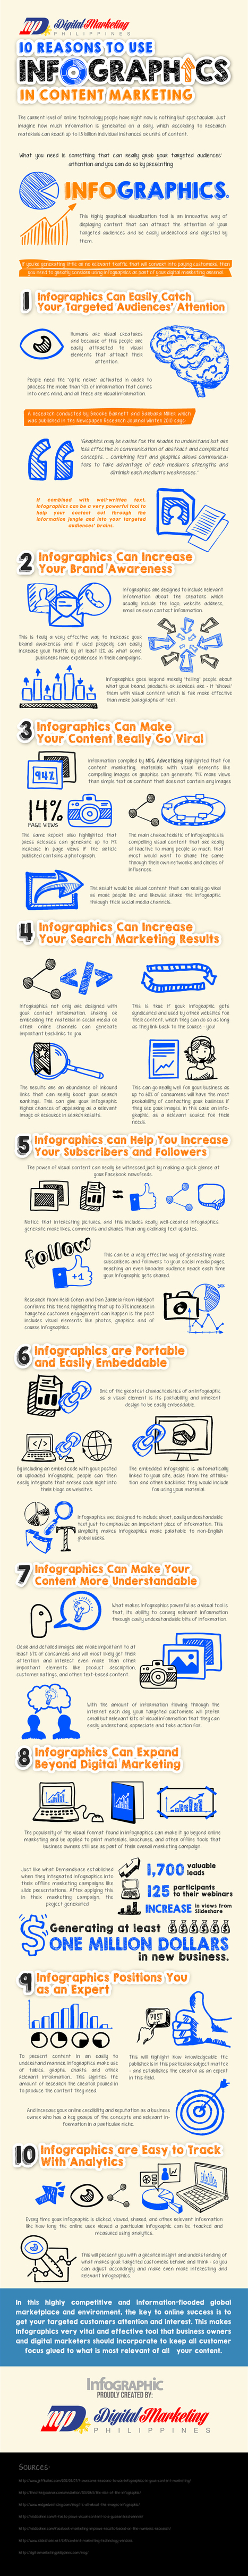 10 razones para usar la infografía en marketing de contenidos #infografia #marketing #design | Seo, Social Media Marketing | Scoop.it